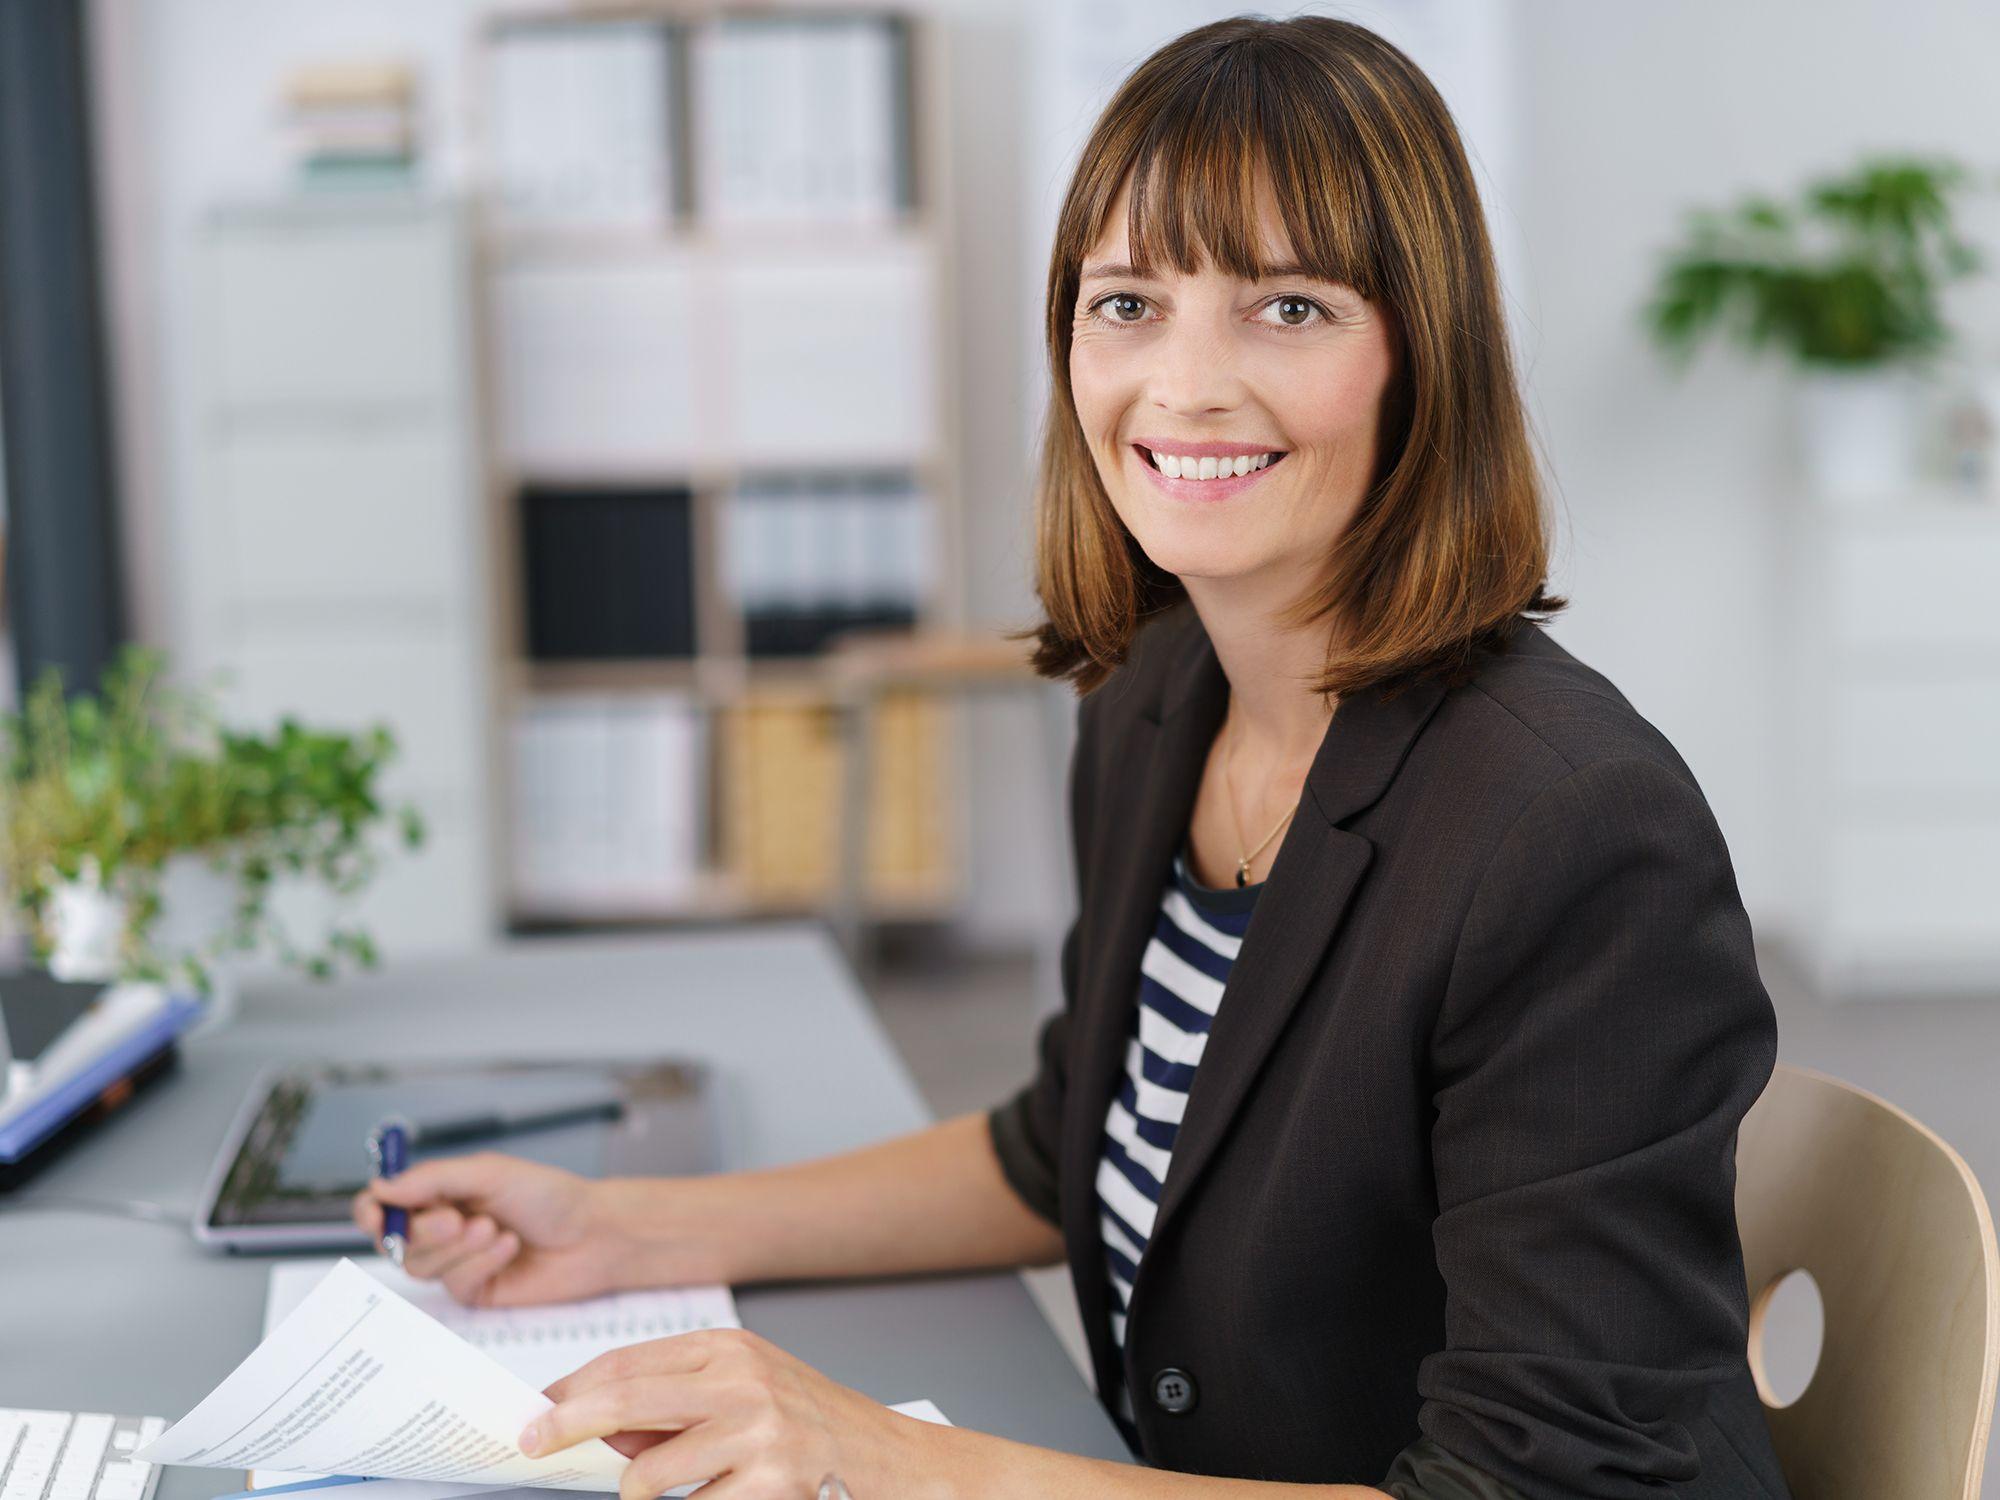 Level 3 - Sachbearbeiter, Bürosachbearbeiter, Personalsachbearbeiter, Verkaufssachbearbeiter, Sachbearbeiterin (Auftragsabwicklung), Sachbearbeiterin im Sekretariat, Sachbearbeiterin (Auftragsbearbeitung), Clerk, Bürohilfskraft, Bürofachkraft, Bürokraft, Leiharbeiter, Zeitarbeiter, Leiharbeitnehmer, Leihkraft, Temporärarbeiter für Büros, Büroarbeit, Büroaufgaben, Bürotätigkeiten, Büroorganisation, Urlaubsvertretung und Rekrutierung bei uns als Personalagentur, Zeitarbeitsfirma, Zeitarbeitsunternehmen, Personal-Service-Agentur, Personaldienstleistungsagentur und Leiharbeitsfirma per Arbeitnehmer-Leasing, Arbeitnehmerüberlassung, Arbeitskräfte-Leasing, Arbeitskräfteüberlassung, Arbeitskraftüberlassung, Leiharbeit, Mitarbeiter-Leasing, Mitarbeiterleasing, Mitarbeiterüberlassung, Personaldienstleistung, Personalleasing, Personalüberlassung, Temporärarbeit, Zeitarbeit buchen, mieten, leihen oder langfristig neue Mitarbeiter für Jobs wie Schülerjobs, Ferienjobs, Aushilfsjobs, Studentenjobs, Werkstudentenjobs, Saisonjobs, Vollzeit Jobs, Teilzeit Jobs, Nebenjobs, Temporär Jobs, Gelegenheitsjobs per Personalvermittlung suchen, finden und vermittelt bekommen.